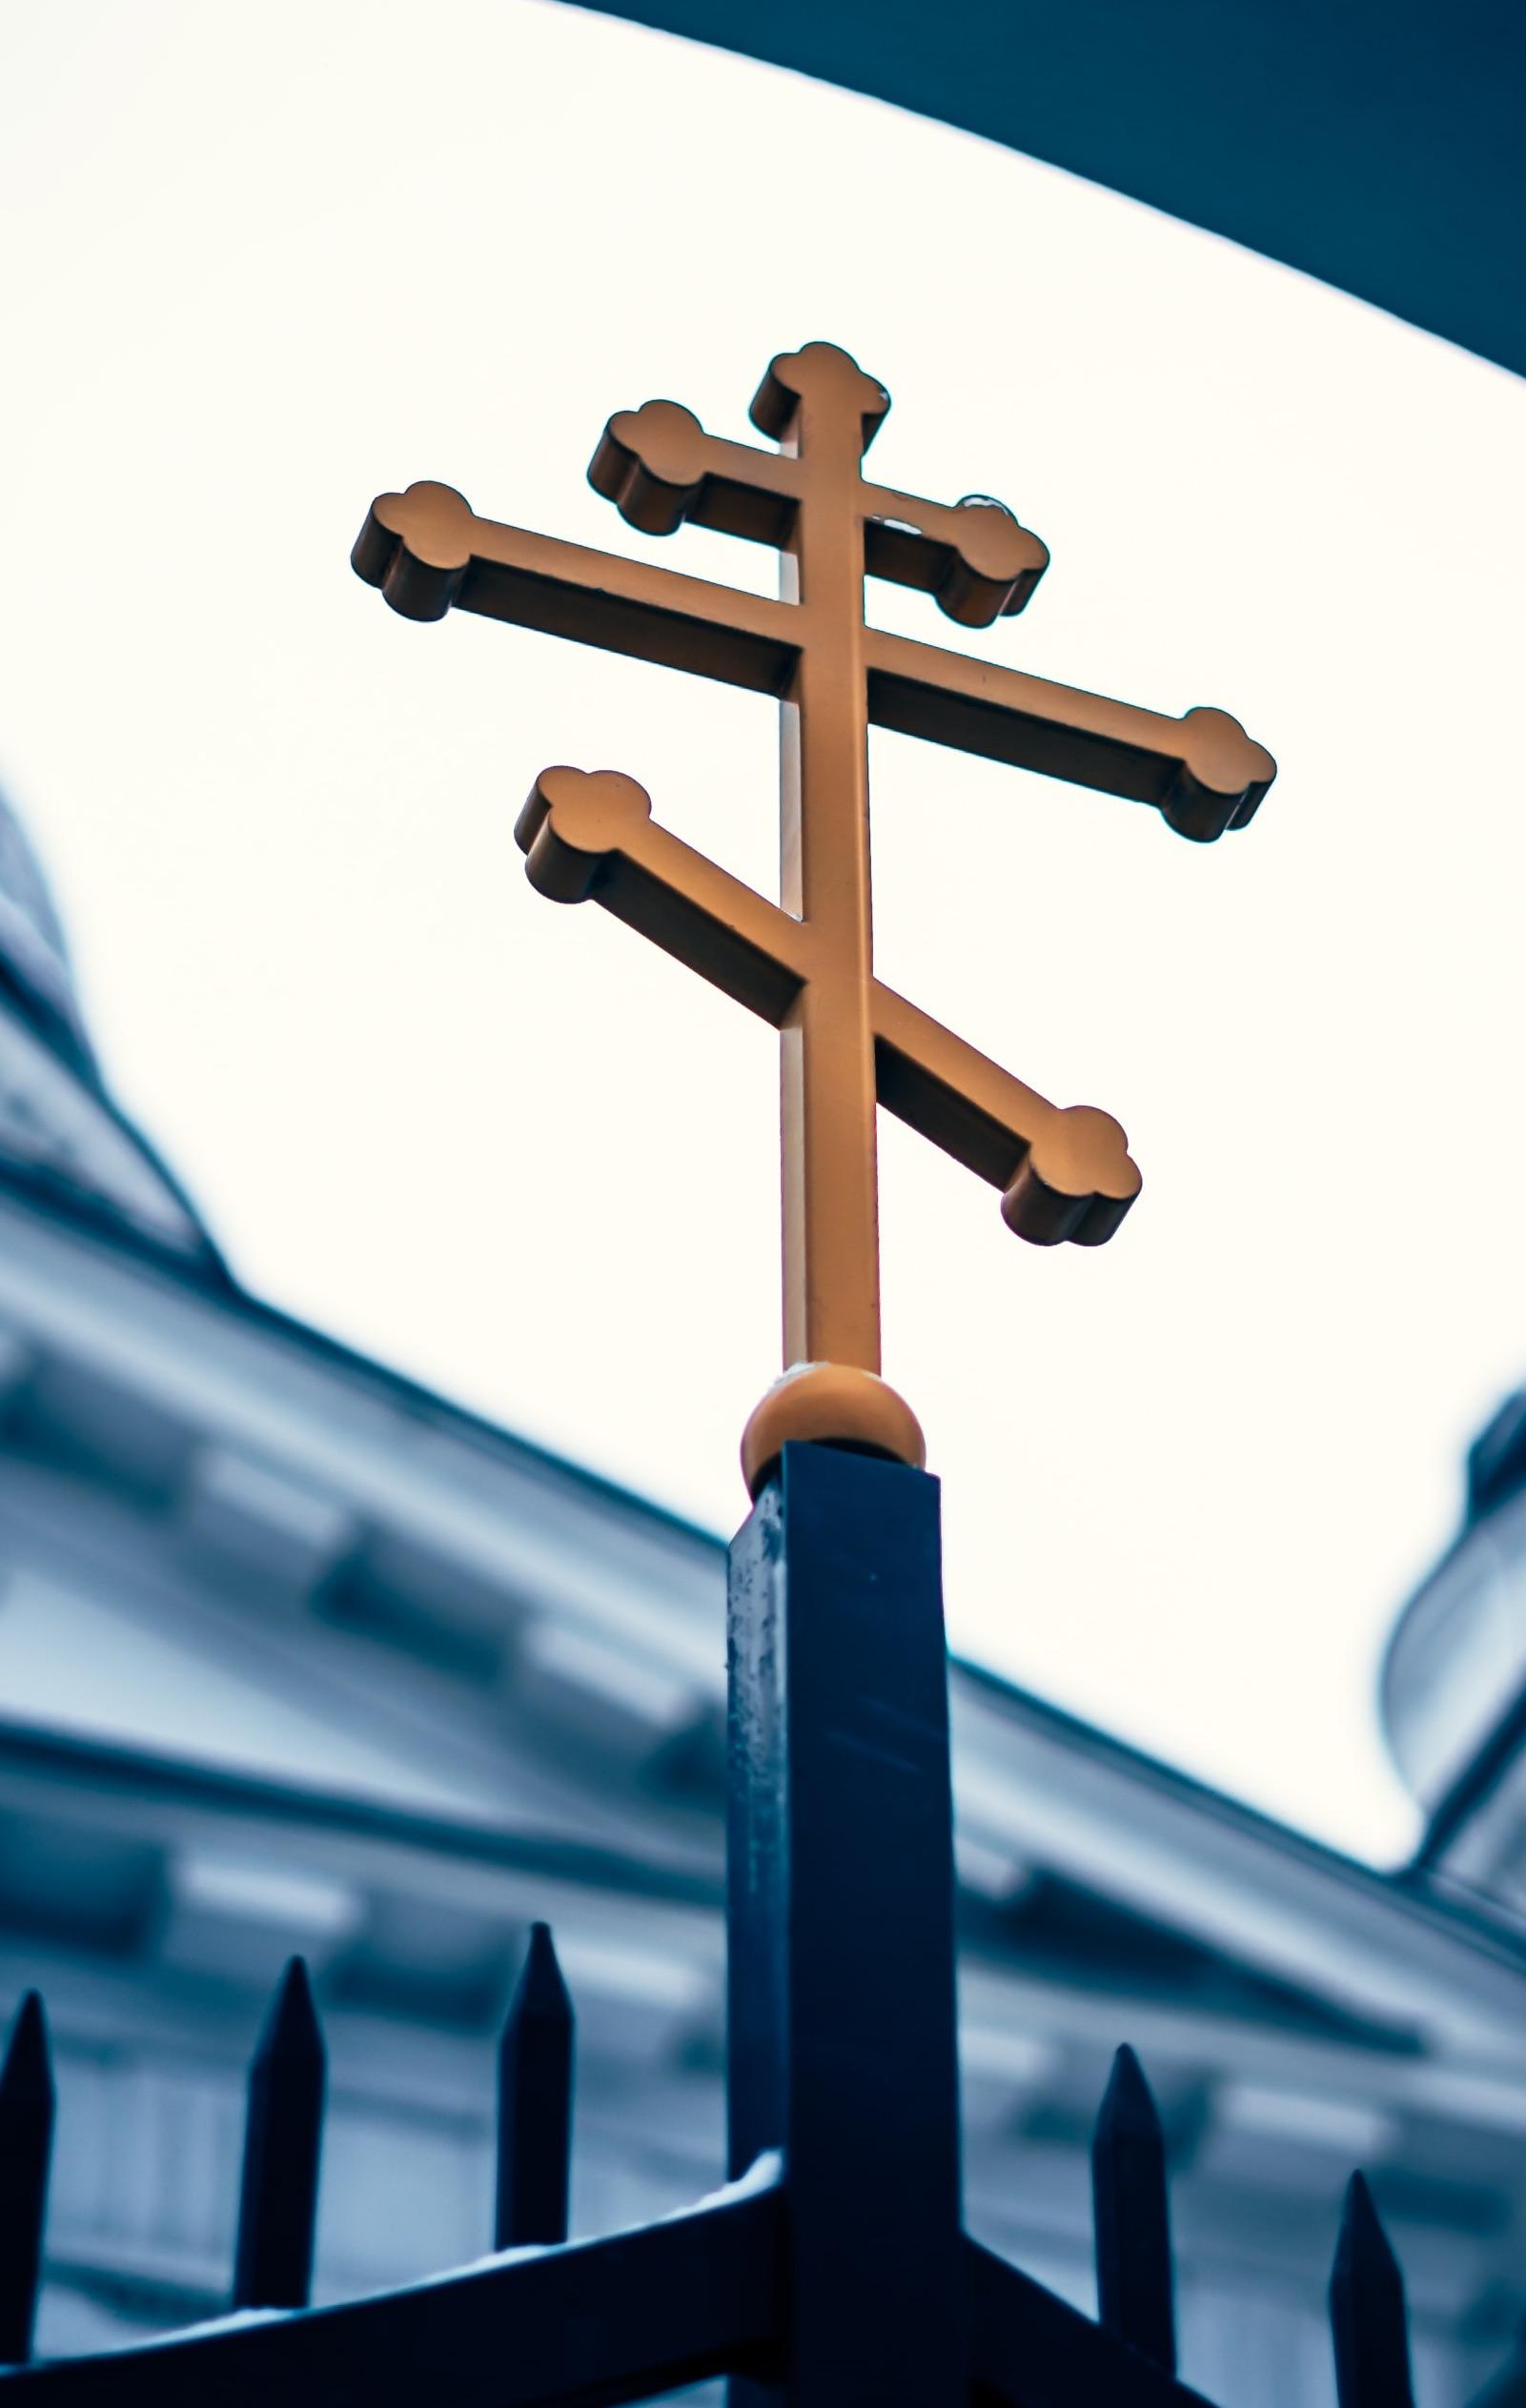 Eastern Orthodox Cross Steeple